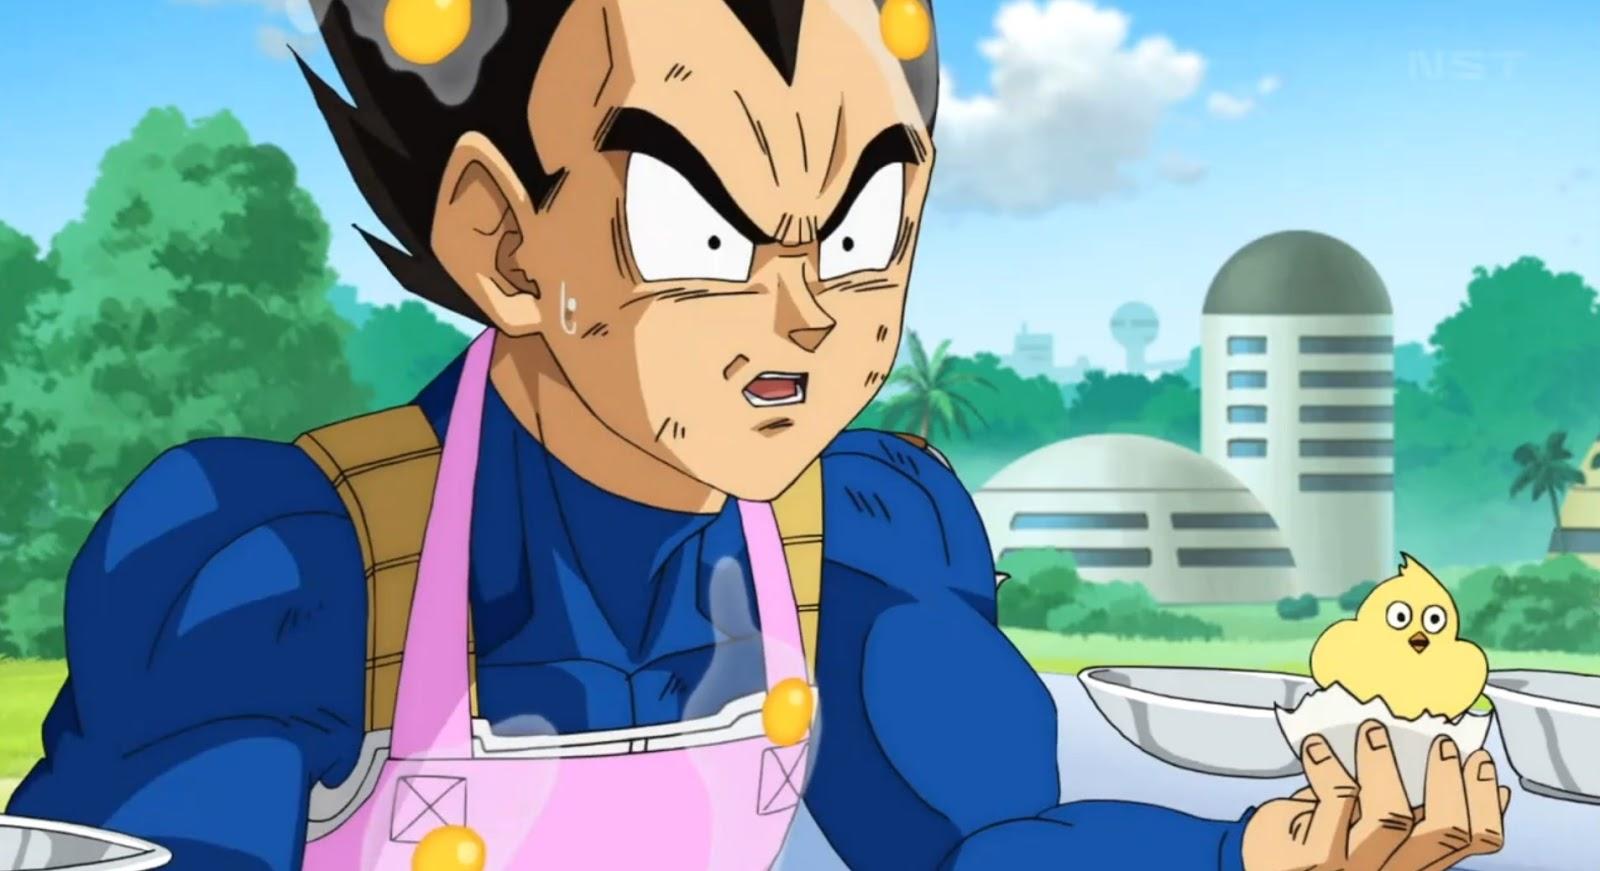 Dragon Ball Super Dublado Episódio 16, Assistir Dragon Ball Super Dublado Episódio 16, Dragon Ball Super Dublado , Dragon Ball Super Dublado - Episódio 16,